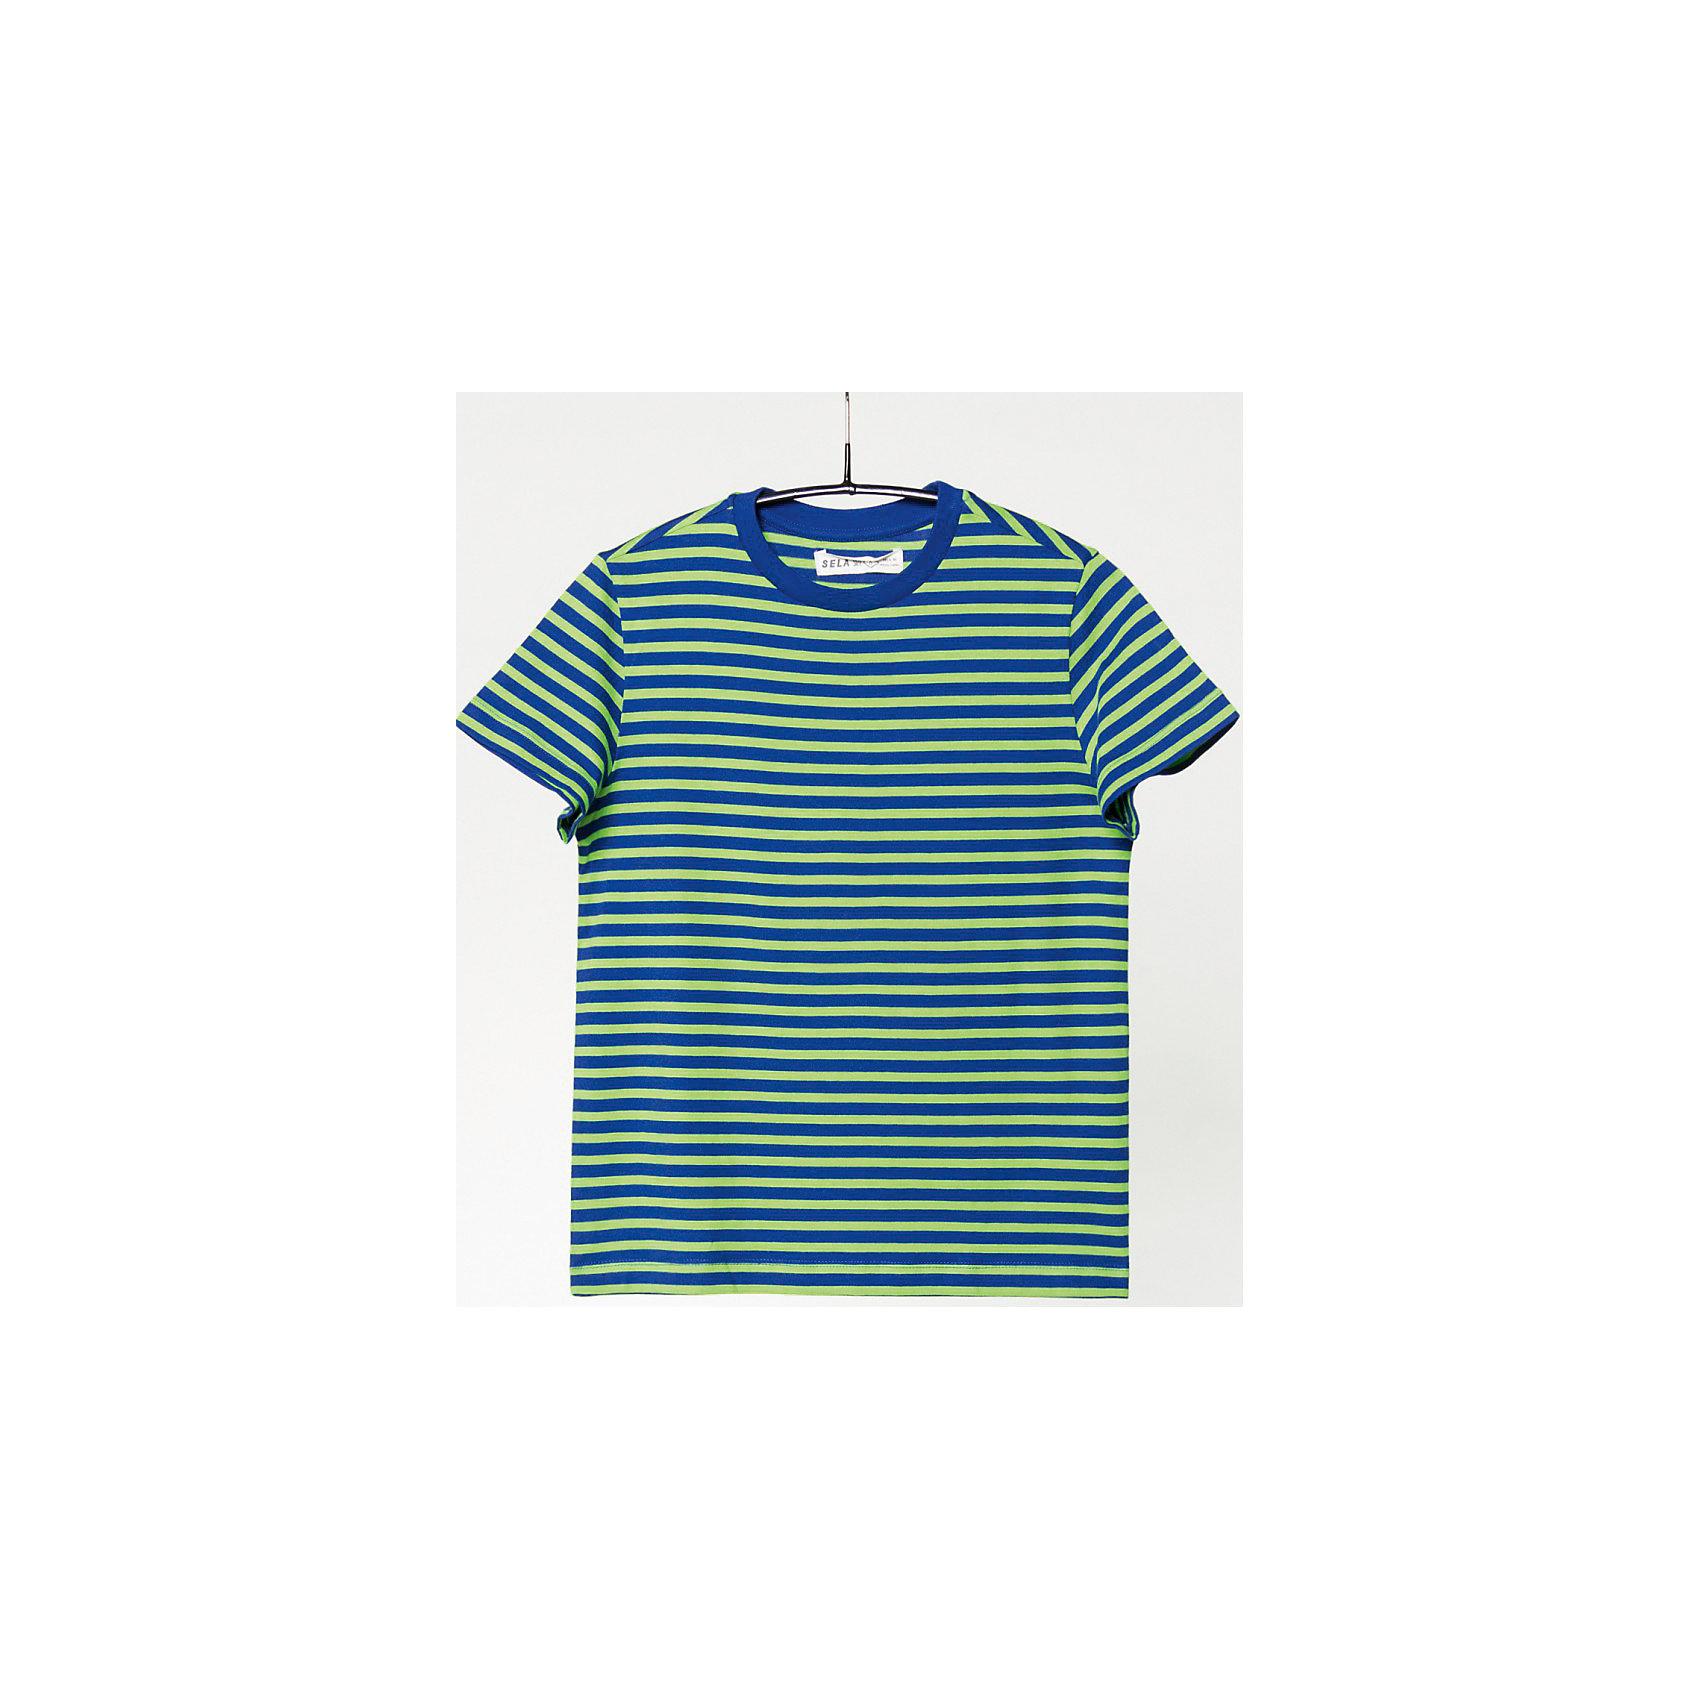 Футболка для мальчика SELAФутболки, поло и топы<br>Прекрасная футболка для мальчика от популярного бренда SELA. Изделие выполнено из натурального гипоаллергенного трикотажа, очень мягкого, дышащего и приятного к телу, и обладает следующими особенностями:<br>- позитивный полосатый принт;<br>- эластичная отделка горловины;<br>- комфортный крой;<br>- базовая модель.<br>Великолепный выбор для активного лета!<br><br>Дополнительная информация:<br>- состав: 100% хлопок<br>- цвет: зеленый + синий<br><br>Футболку для мальчика SELA можно купить в нашем магазине<br><br>Ширина мм: 230<br>Глубина мм: 40<br>Высота мм: 220<br>Вес г: 250<br>Цвет: зеленый<br>Возраст от месяцев: 72<br>Возраст до месяцев: 84<br>Пол: Мужской<br>Возраст: Детский<br>Размер: 122,152,116,128,134,140,146<br>SKU: 4741319